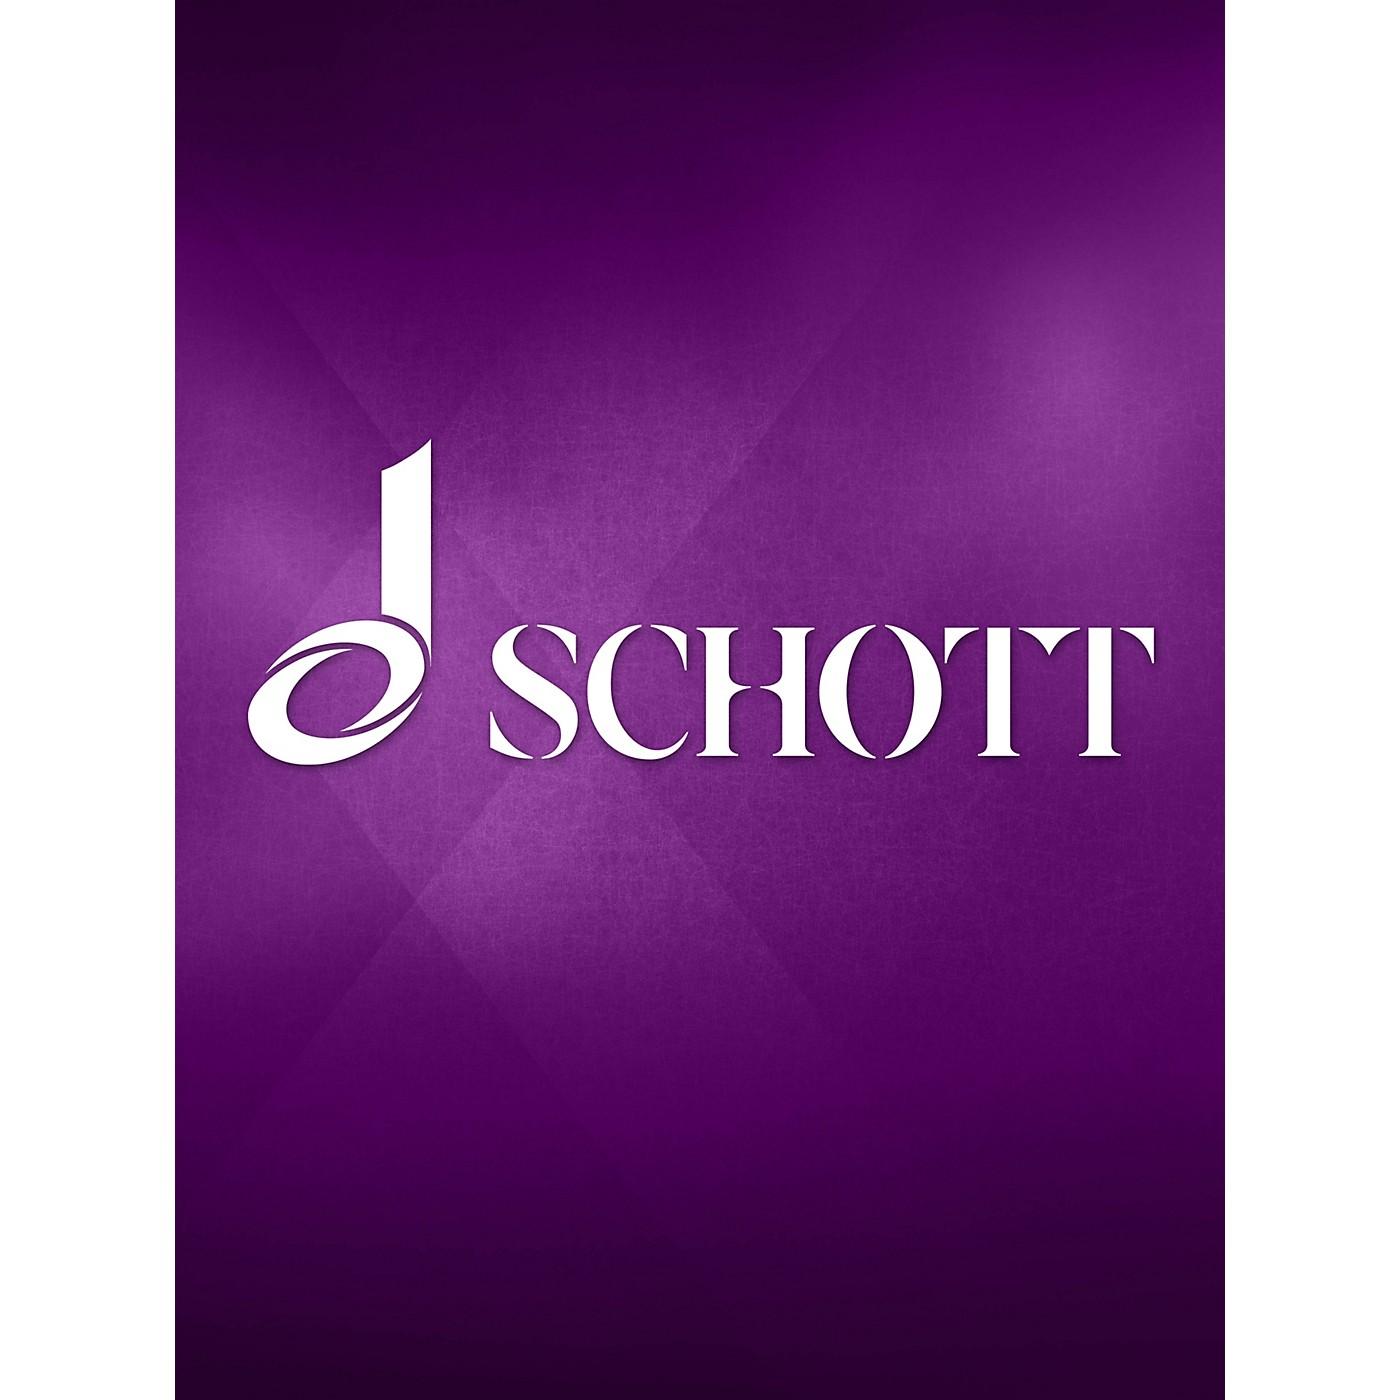 Schott Die neue Musik und die Tradition - Vol. 19 (7 Kongressbeiträge und eine analytische Studie) Schott Series thumbnail